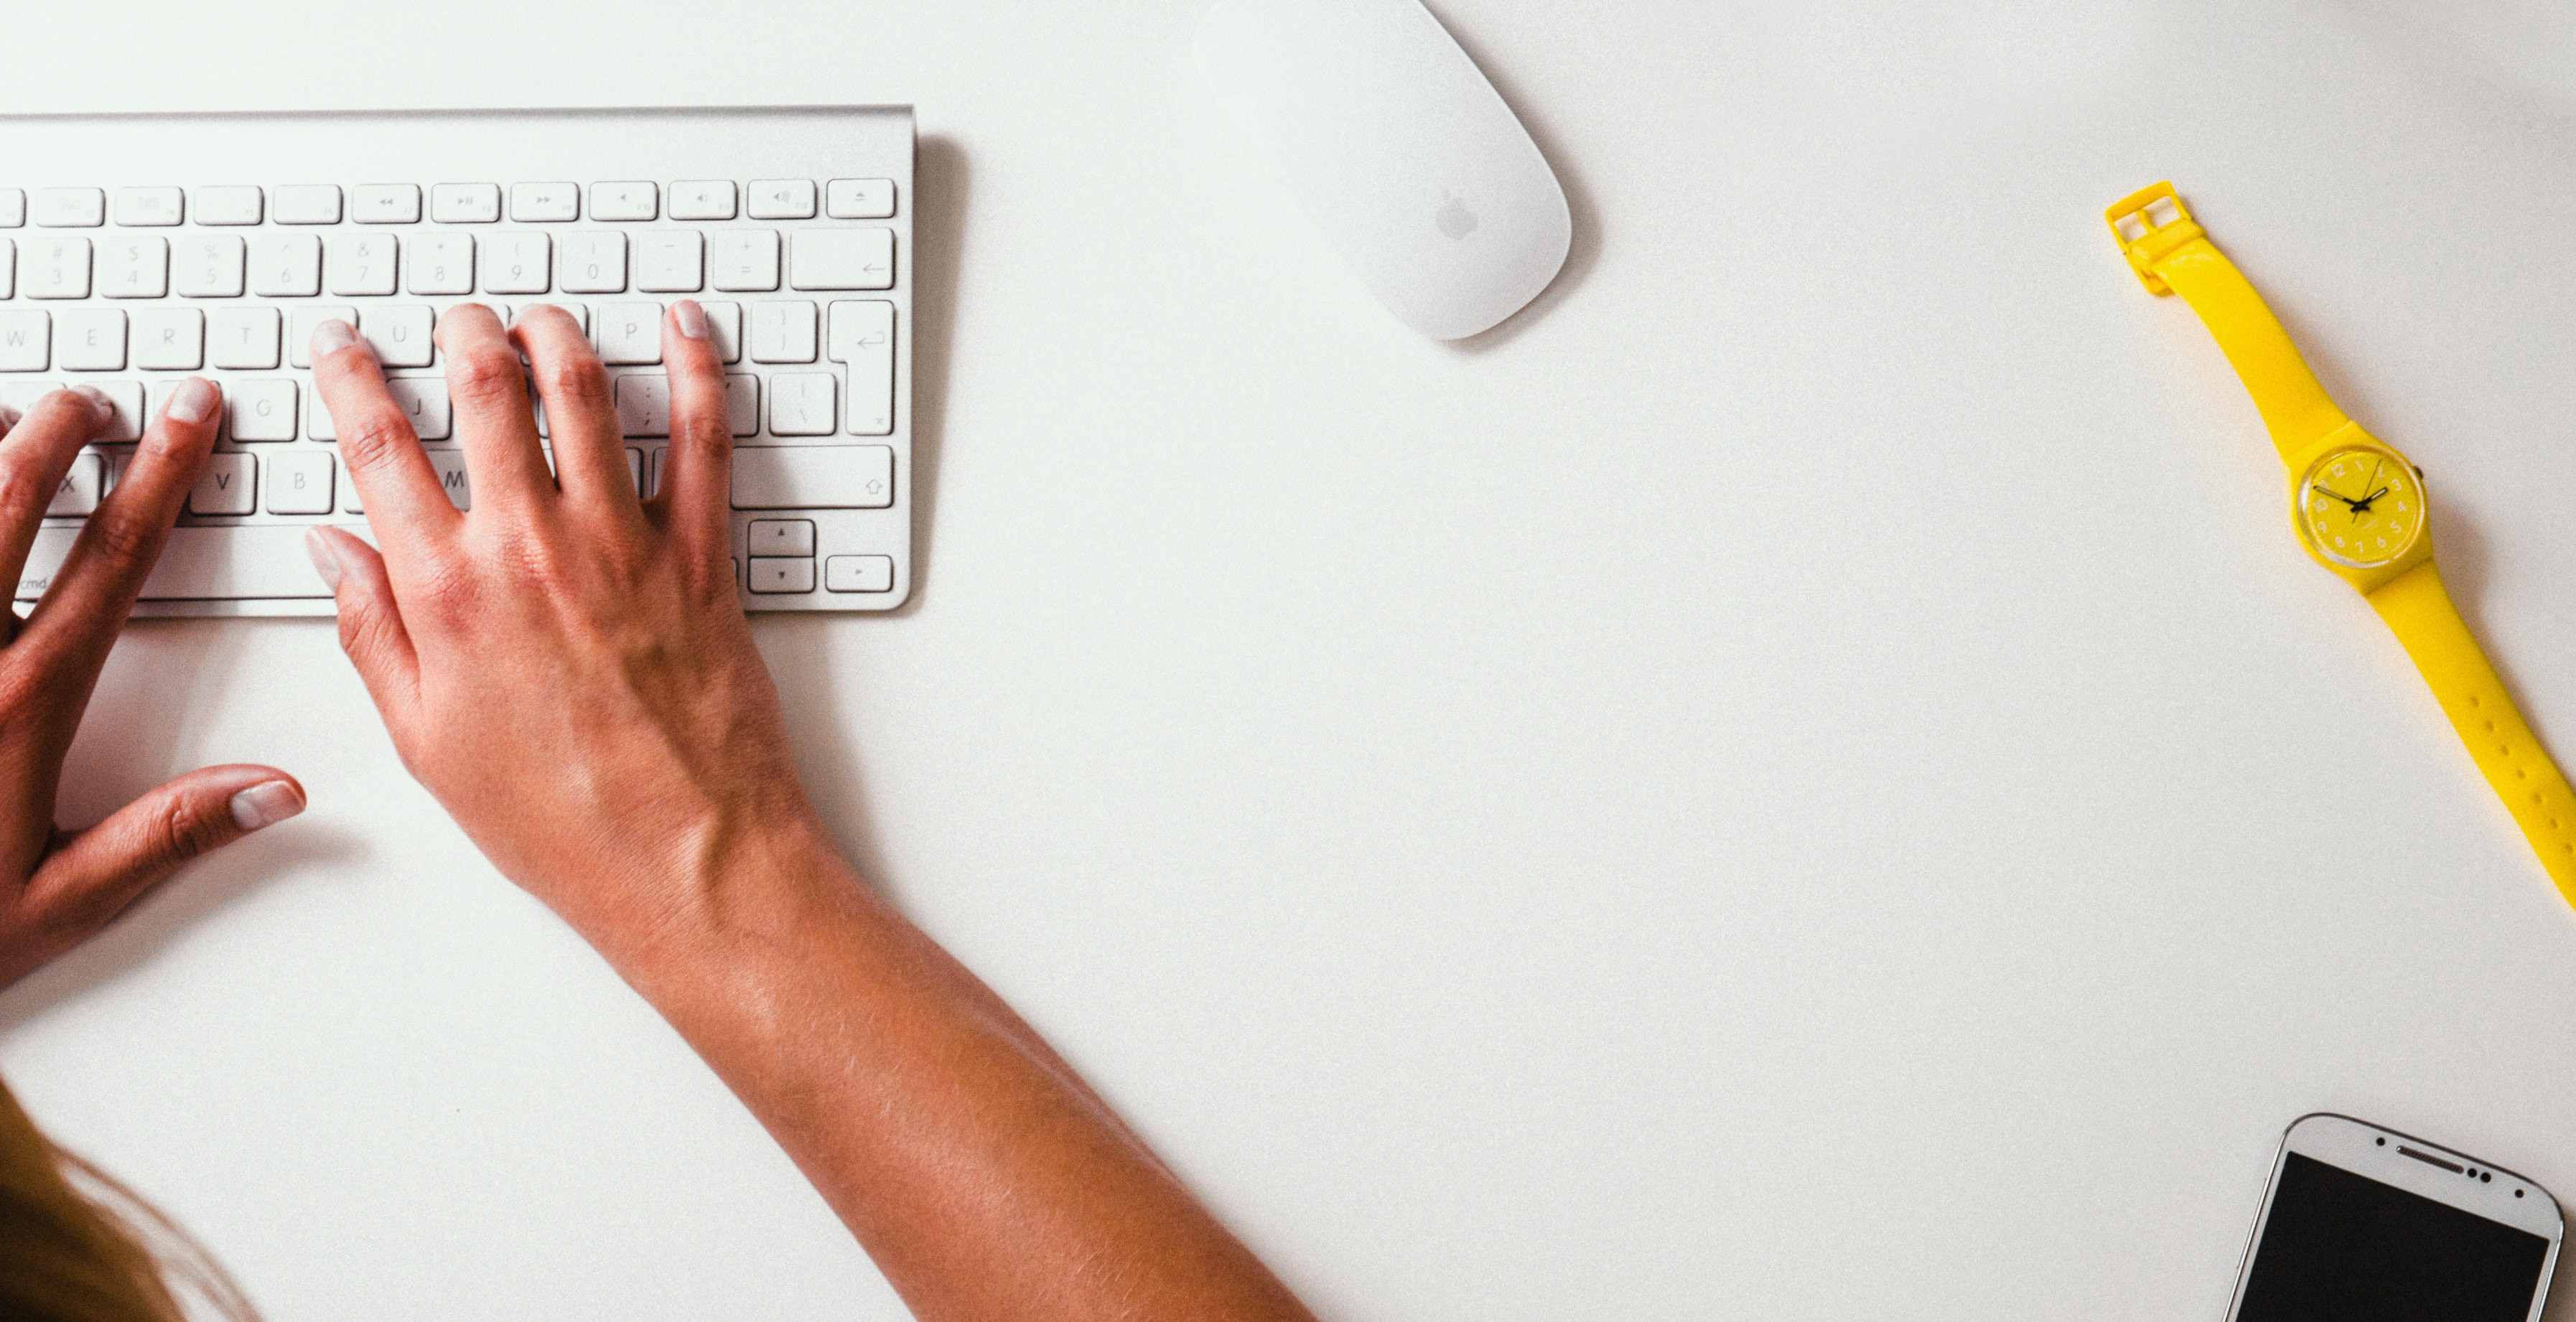 Envie seu artigo, tutorial ou conteúdo para o blog do Bots Brasil